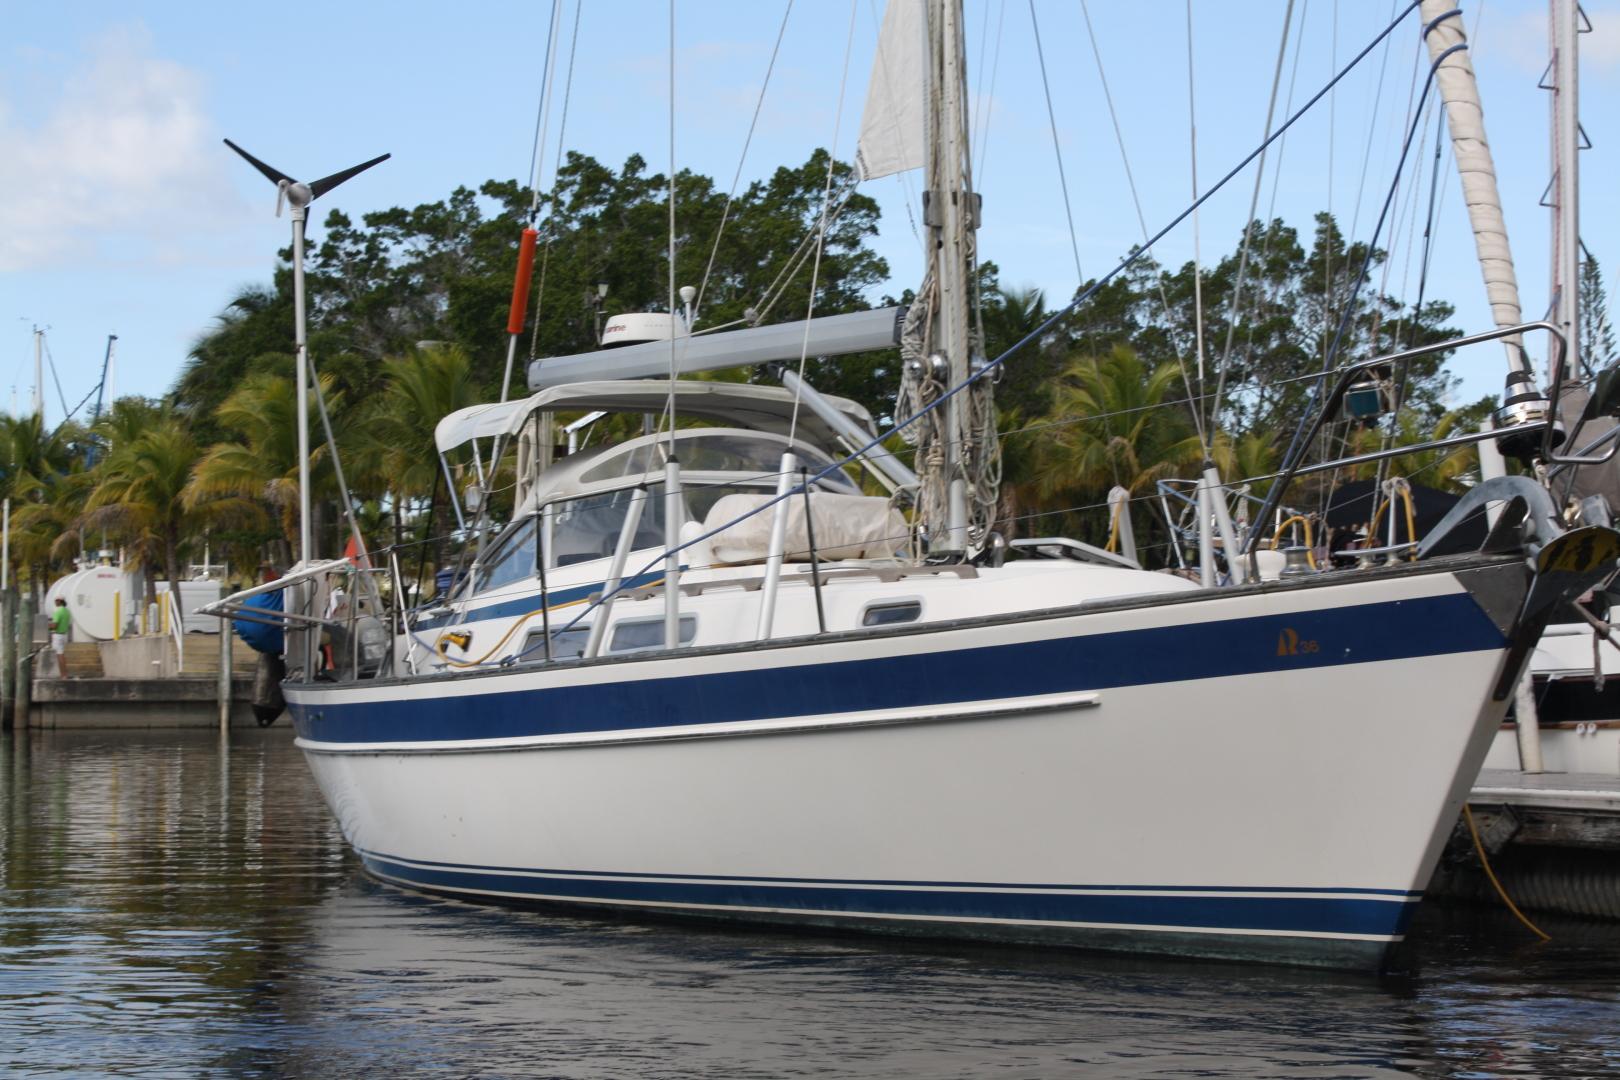 Hallberg-Rassy-36 MKII 2002-Vivace 1 Stuart-Florida-United States-1312752   Thumbnail